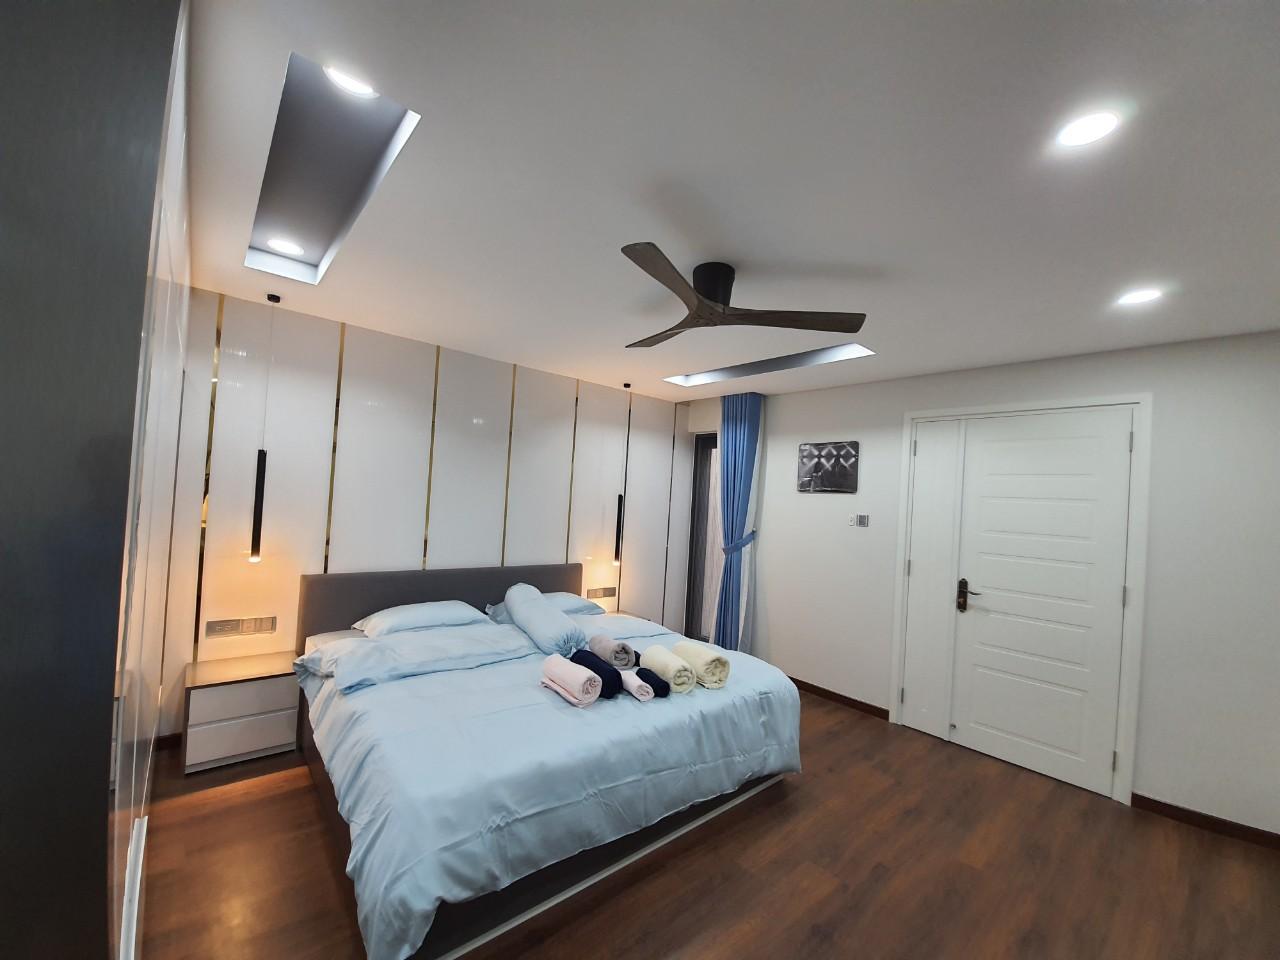 Phòng ngủ lát sàn gỗ sẽ có chi phí cao hơn sàn gạch